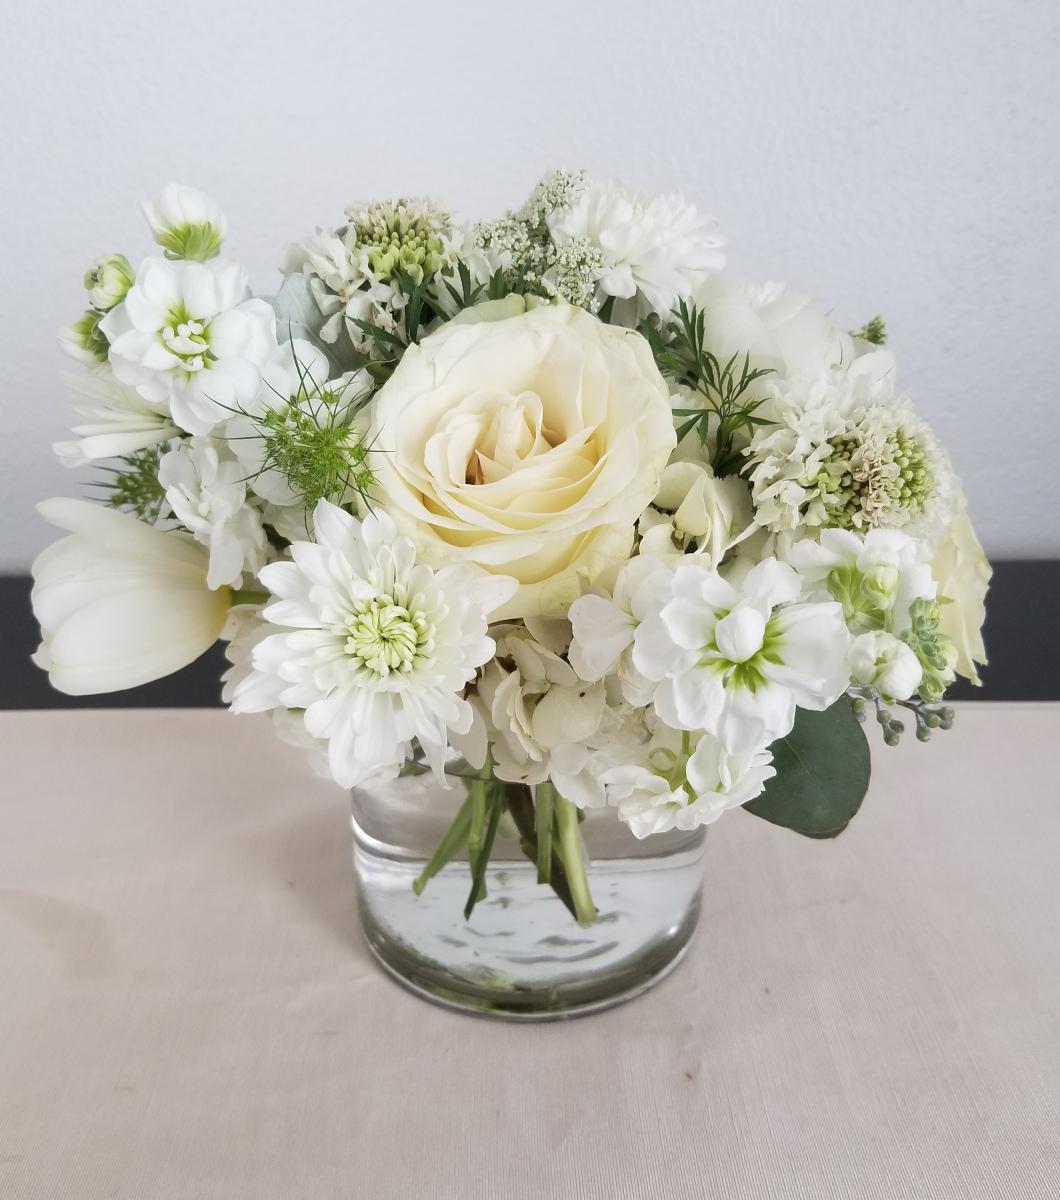 Wedding Center Pieces.Elegant White Wedding Centerpieces